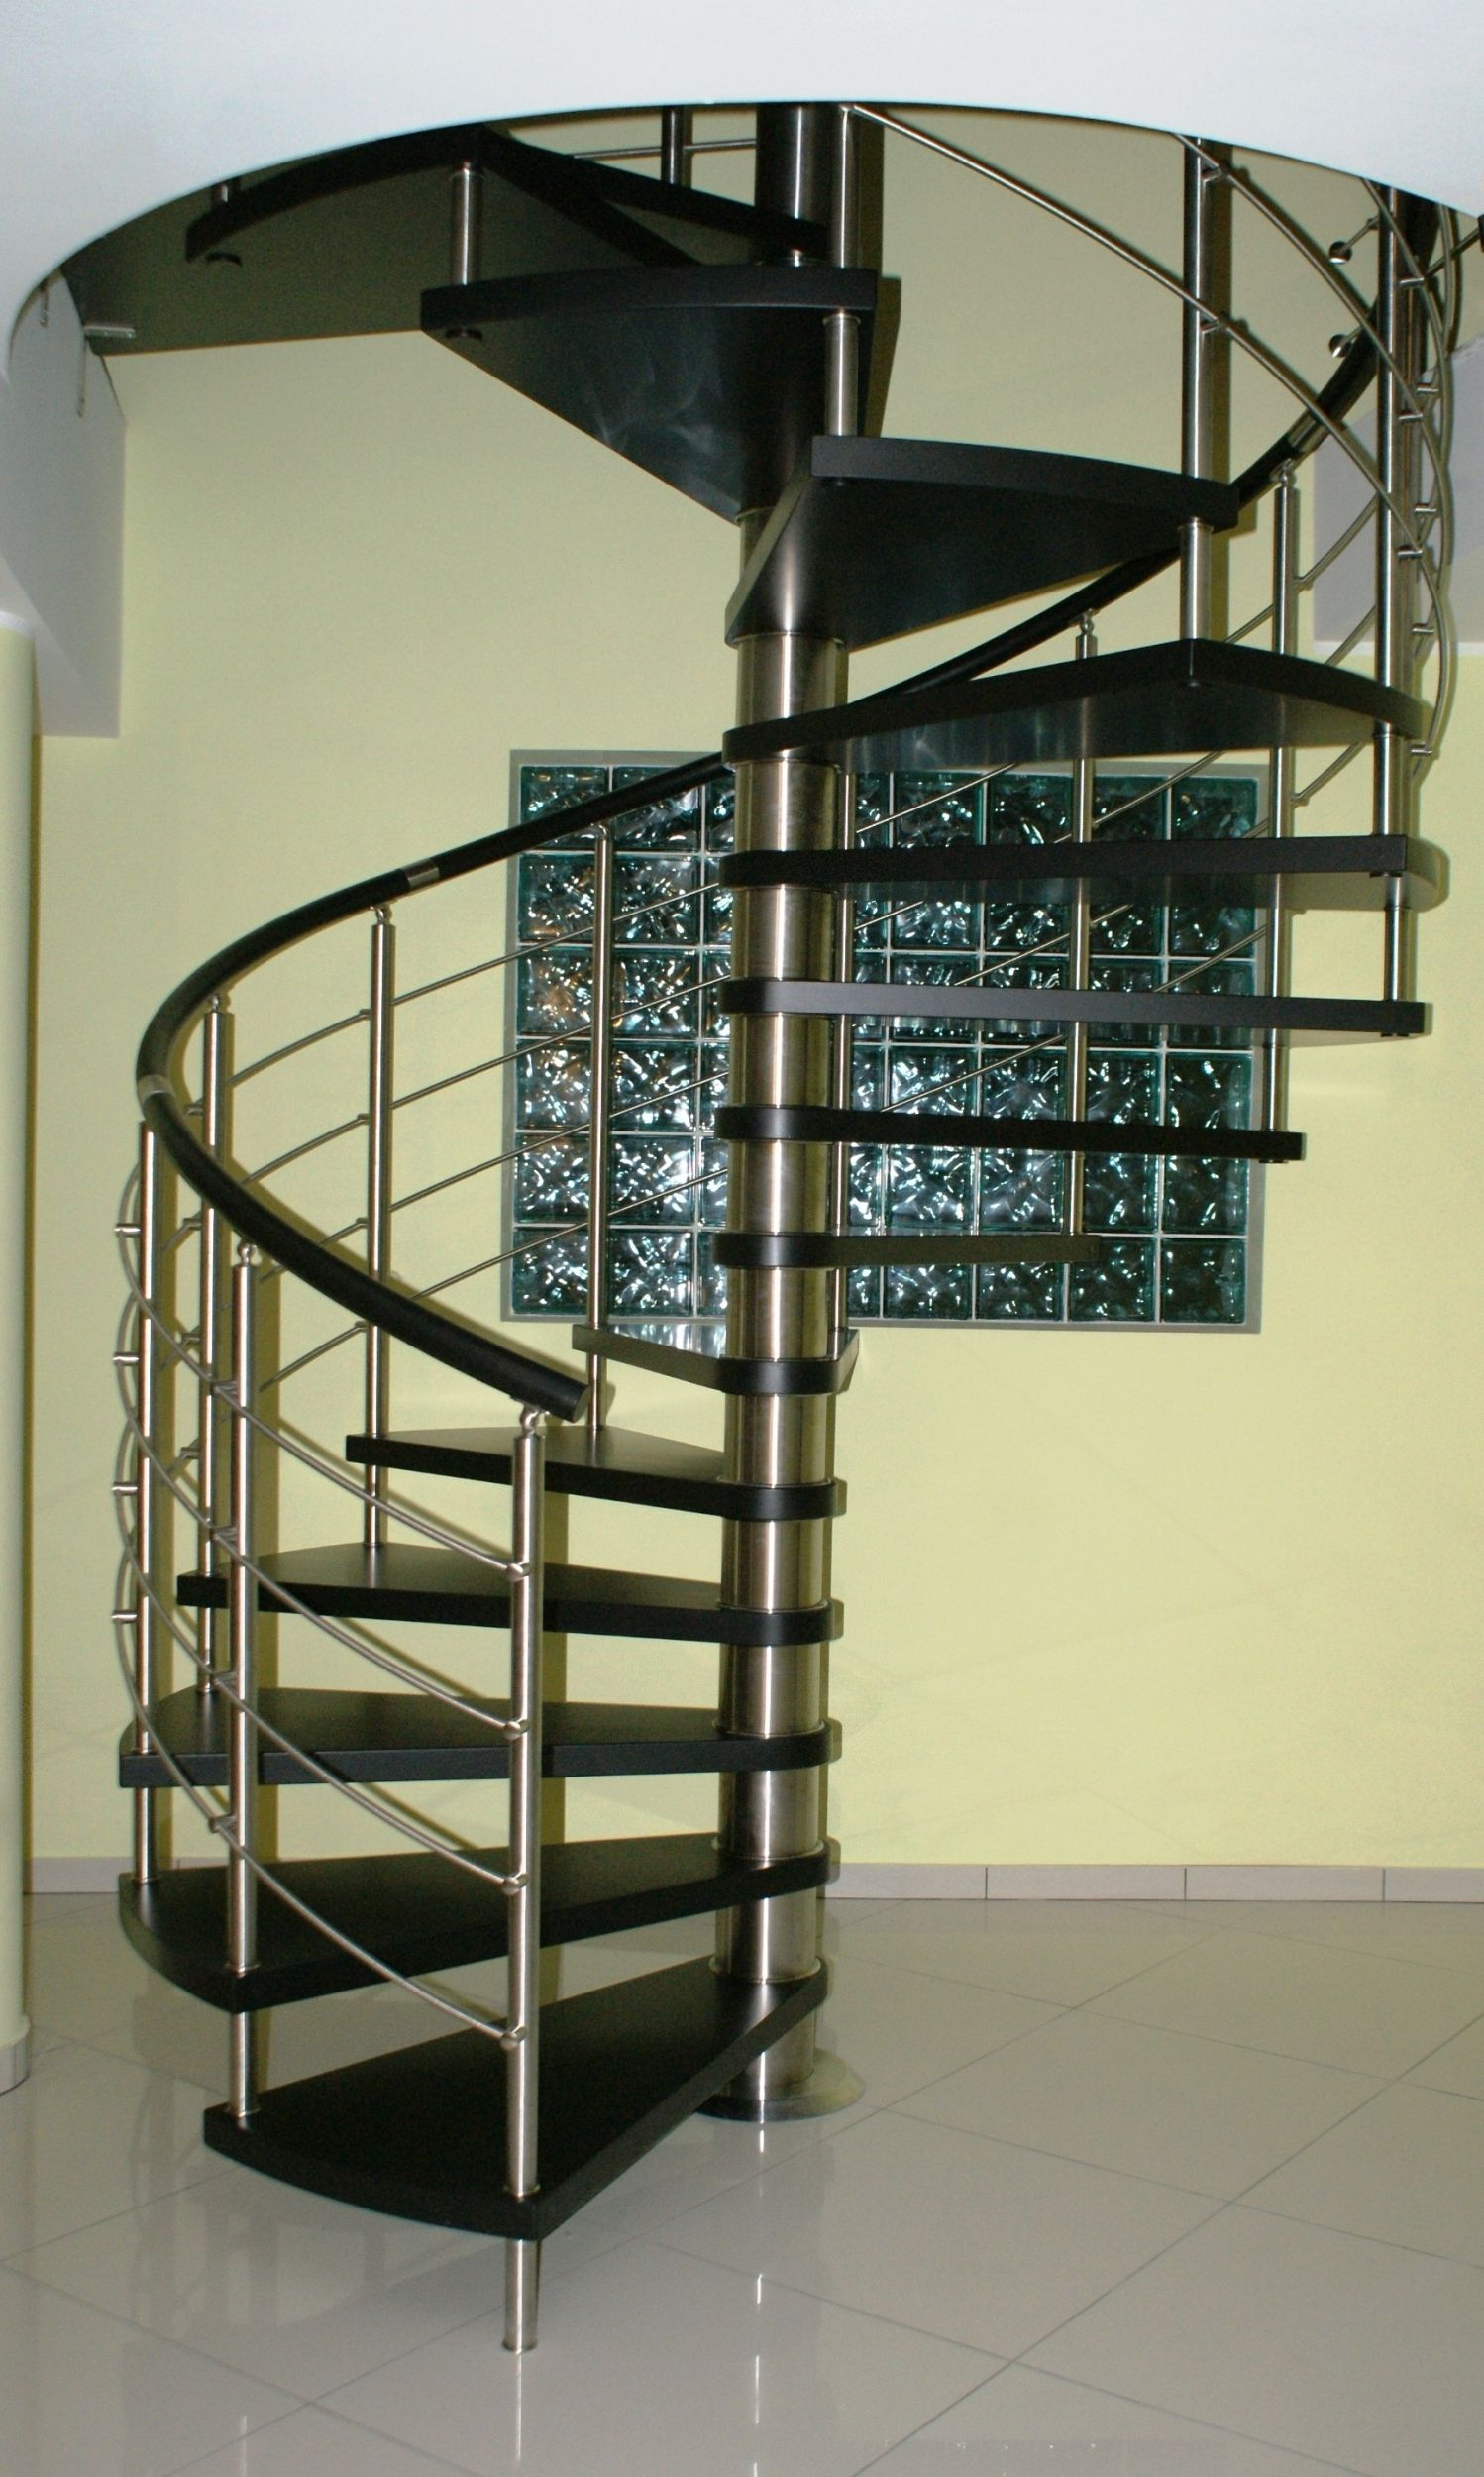 Schody Krecone Spiralne Duda Model Venecja Vertical 170 Cm Home Decor Loft